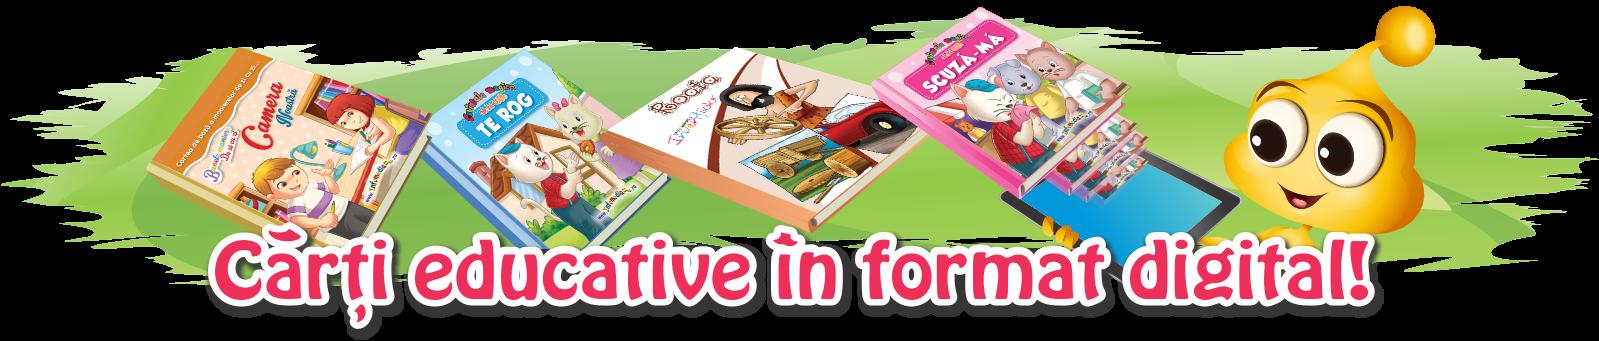 Carti educative in format digital